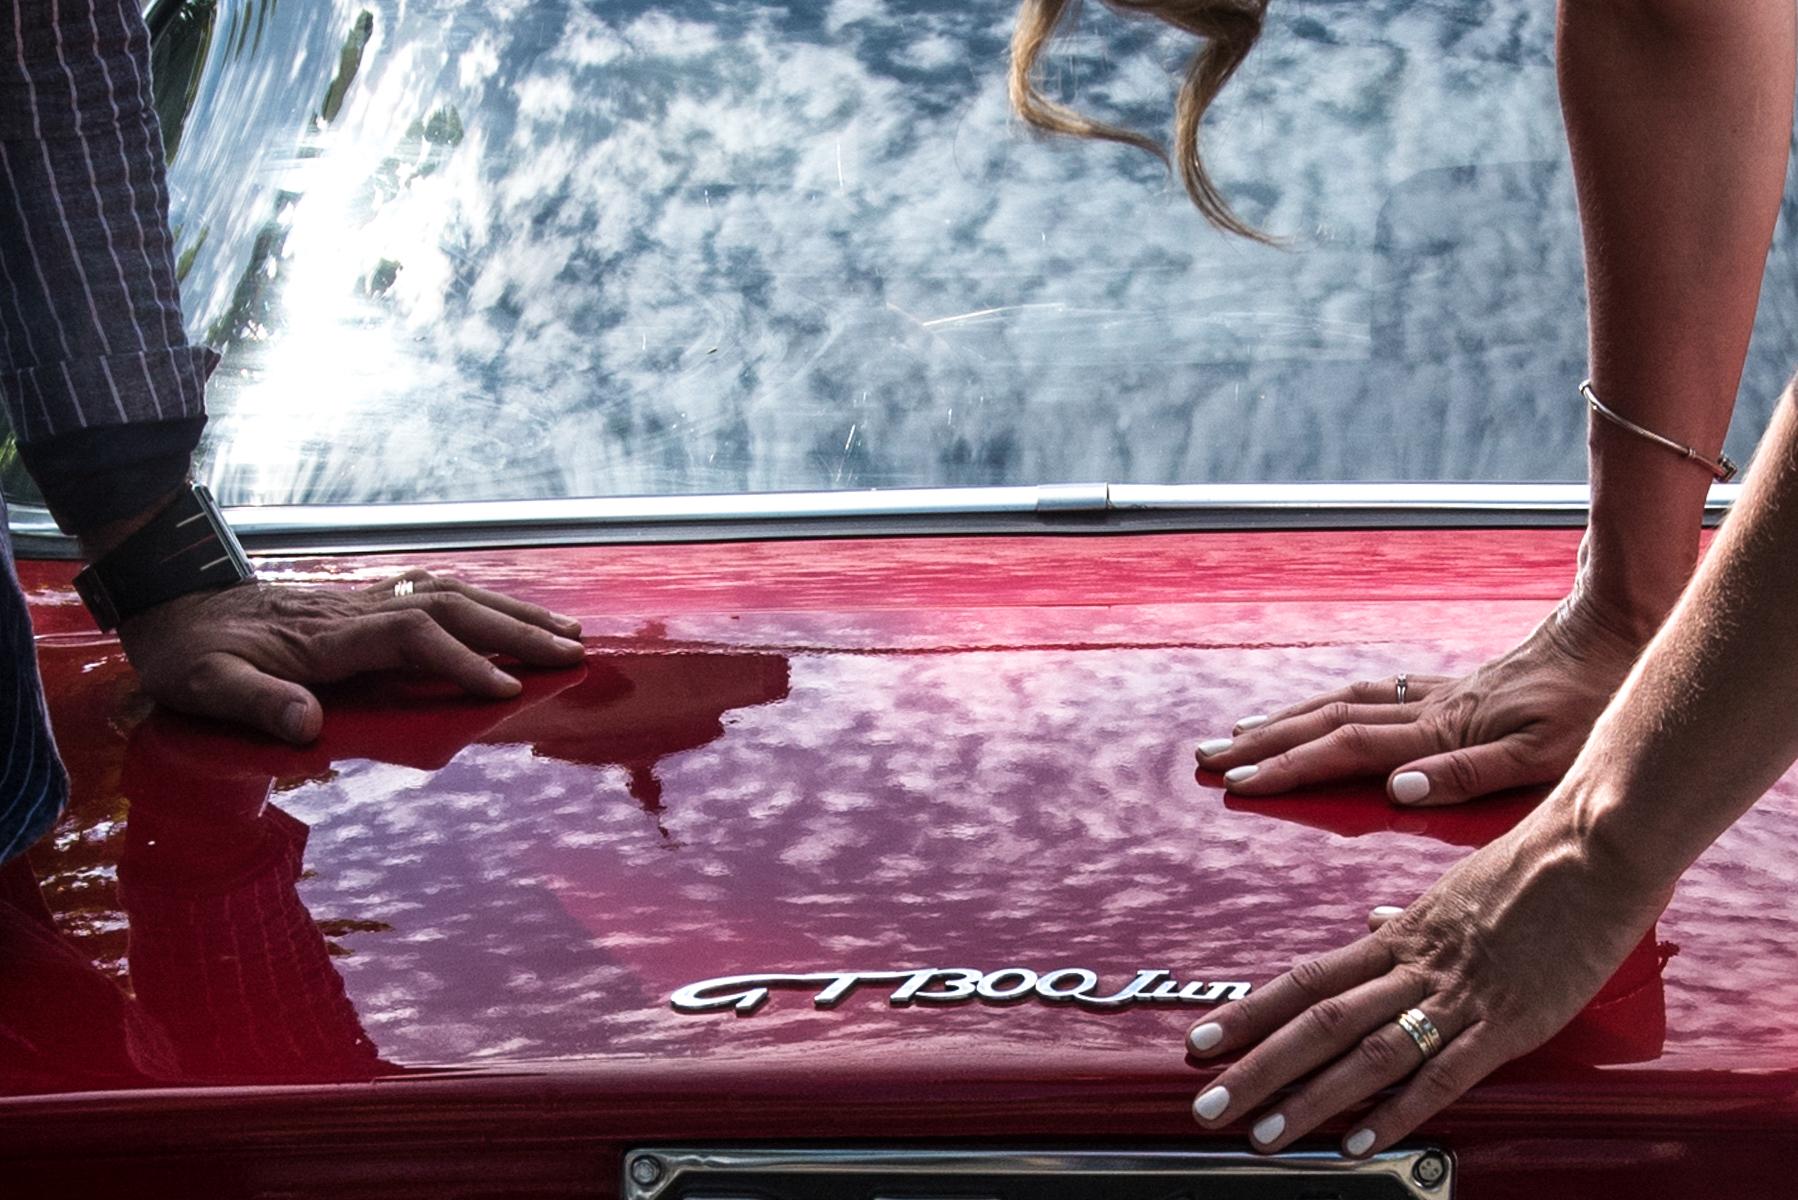 Fontanellato - Parma - Italien. Da ich die Liebe der Ehepartner zu ihrem alten Alfa Romeo kenne, suche ich nach einem Detail, das Autos und Ringe kombinieren kann und das auch das schöne Licht dieses Tages beschreibt.